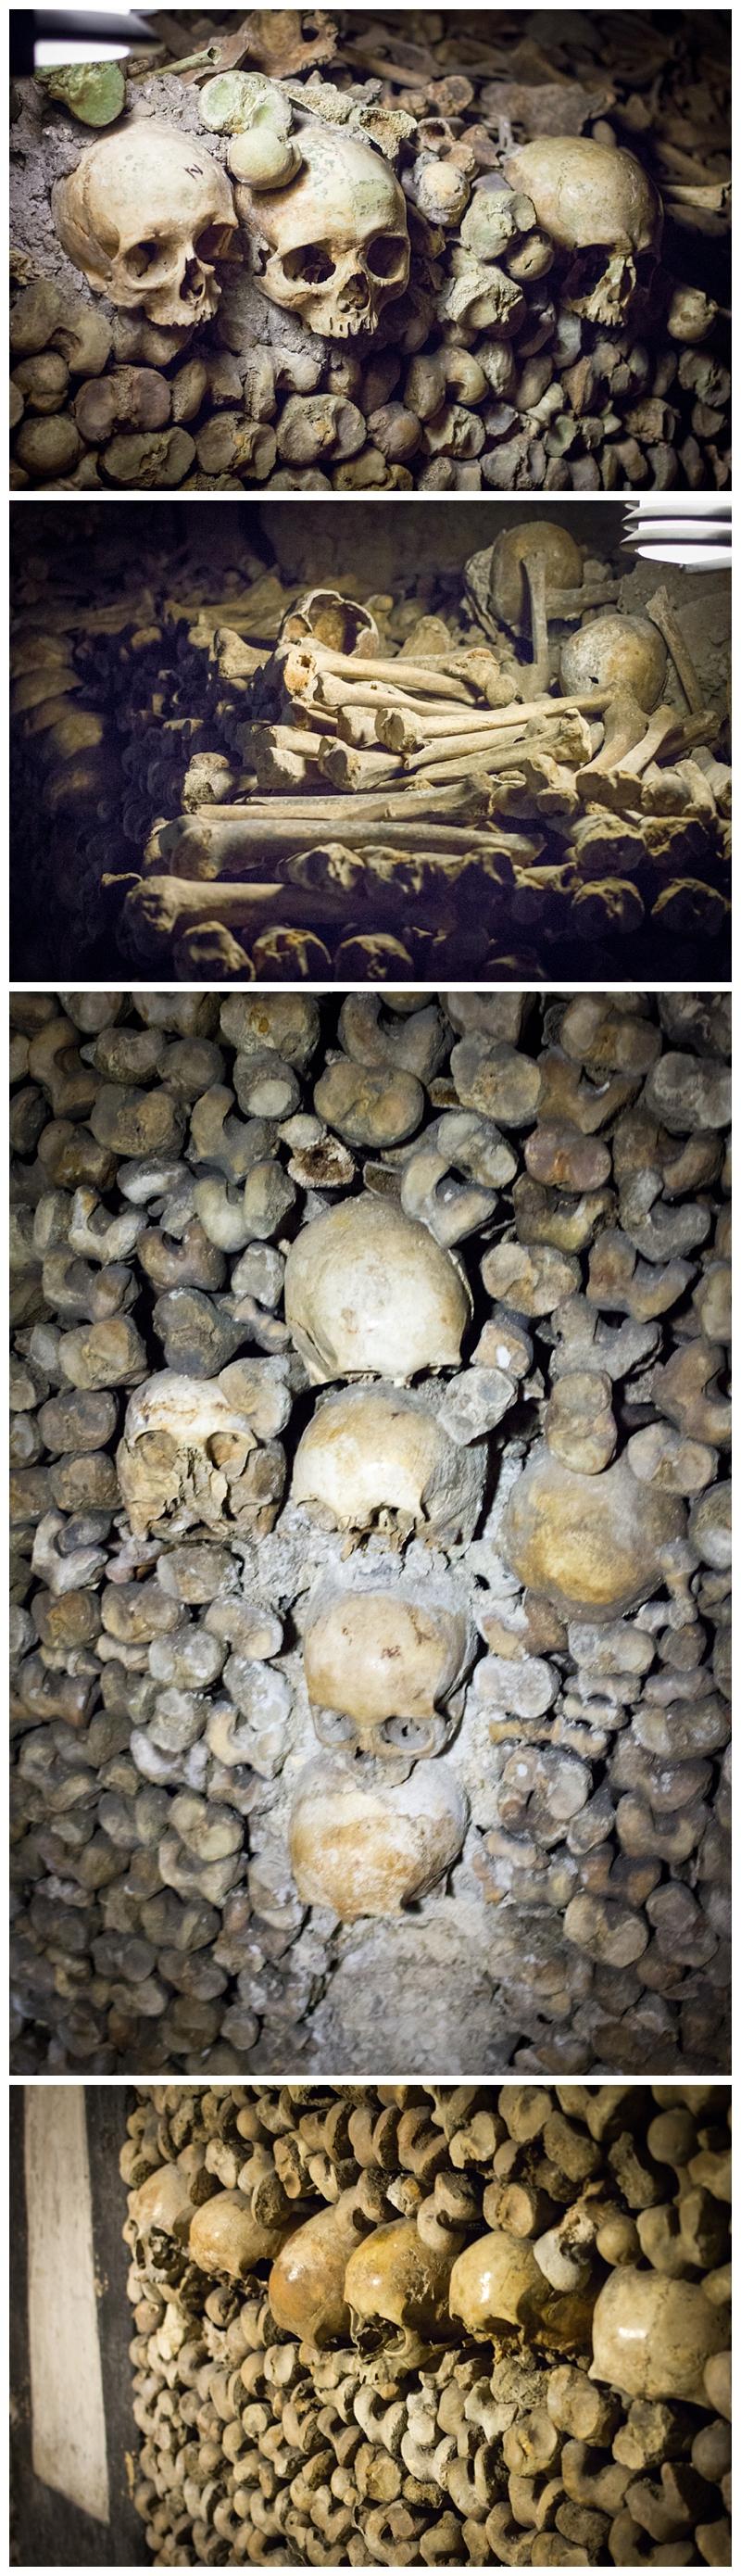 paris-catacombs-bones